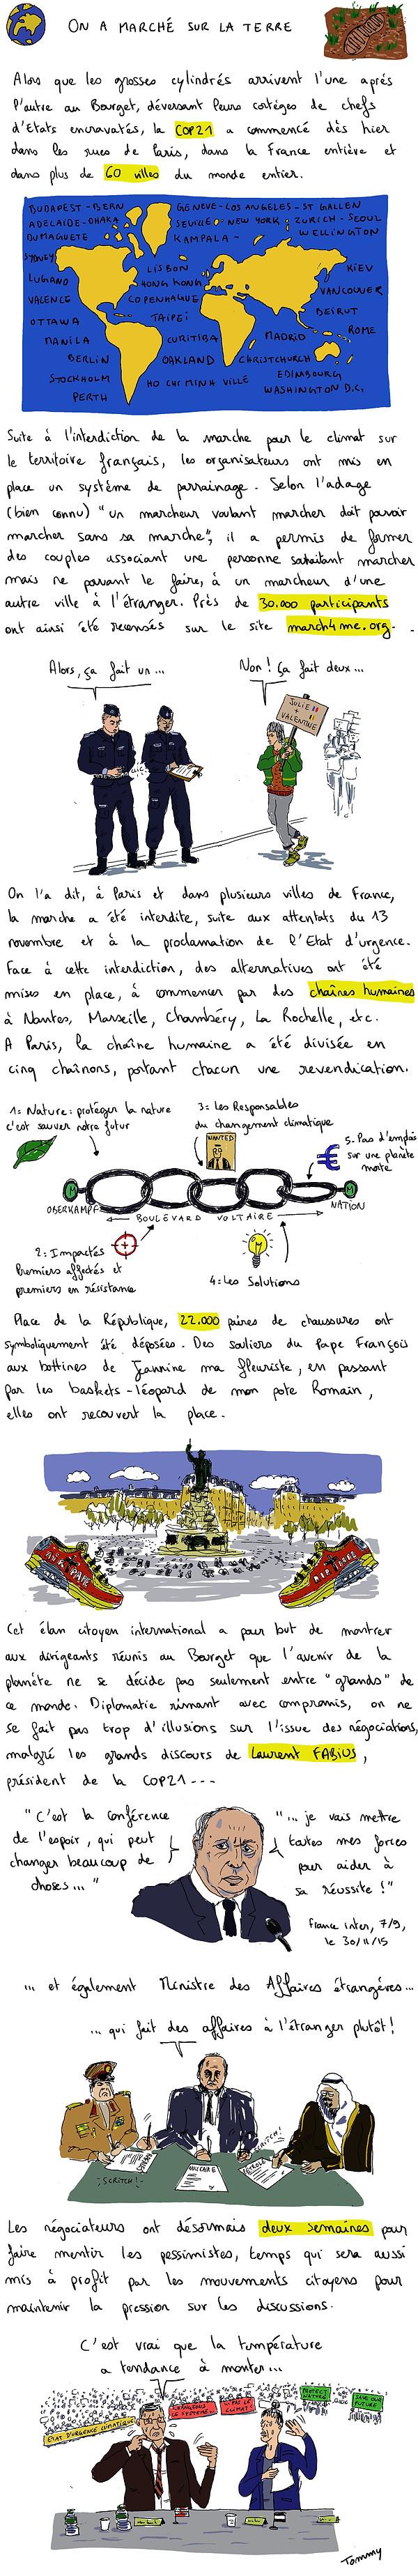 Première chronique de Tommy Dessine sur la COP 21, avec les mobilisations citoyennes du dimanche 29 novembre.